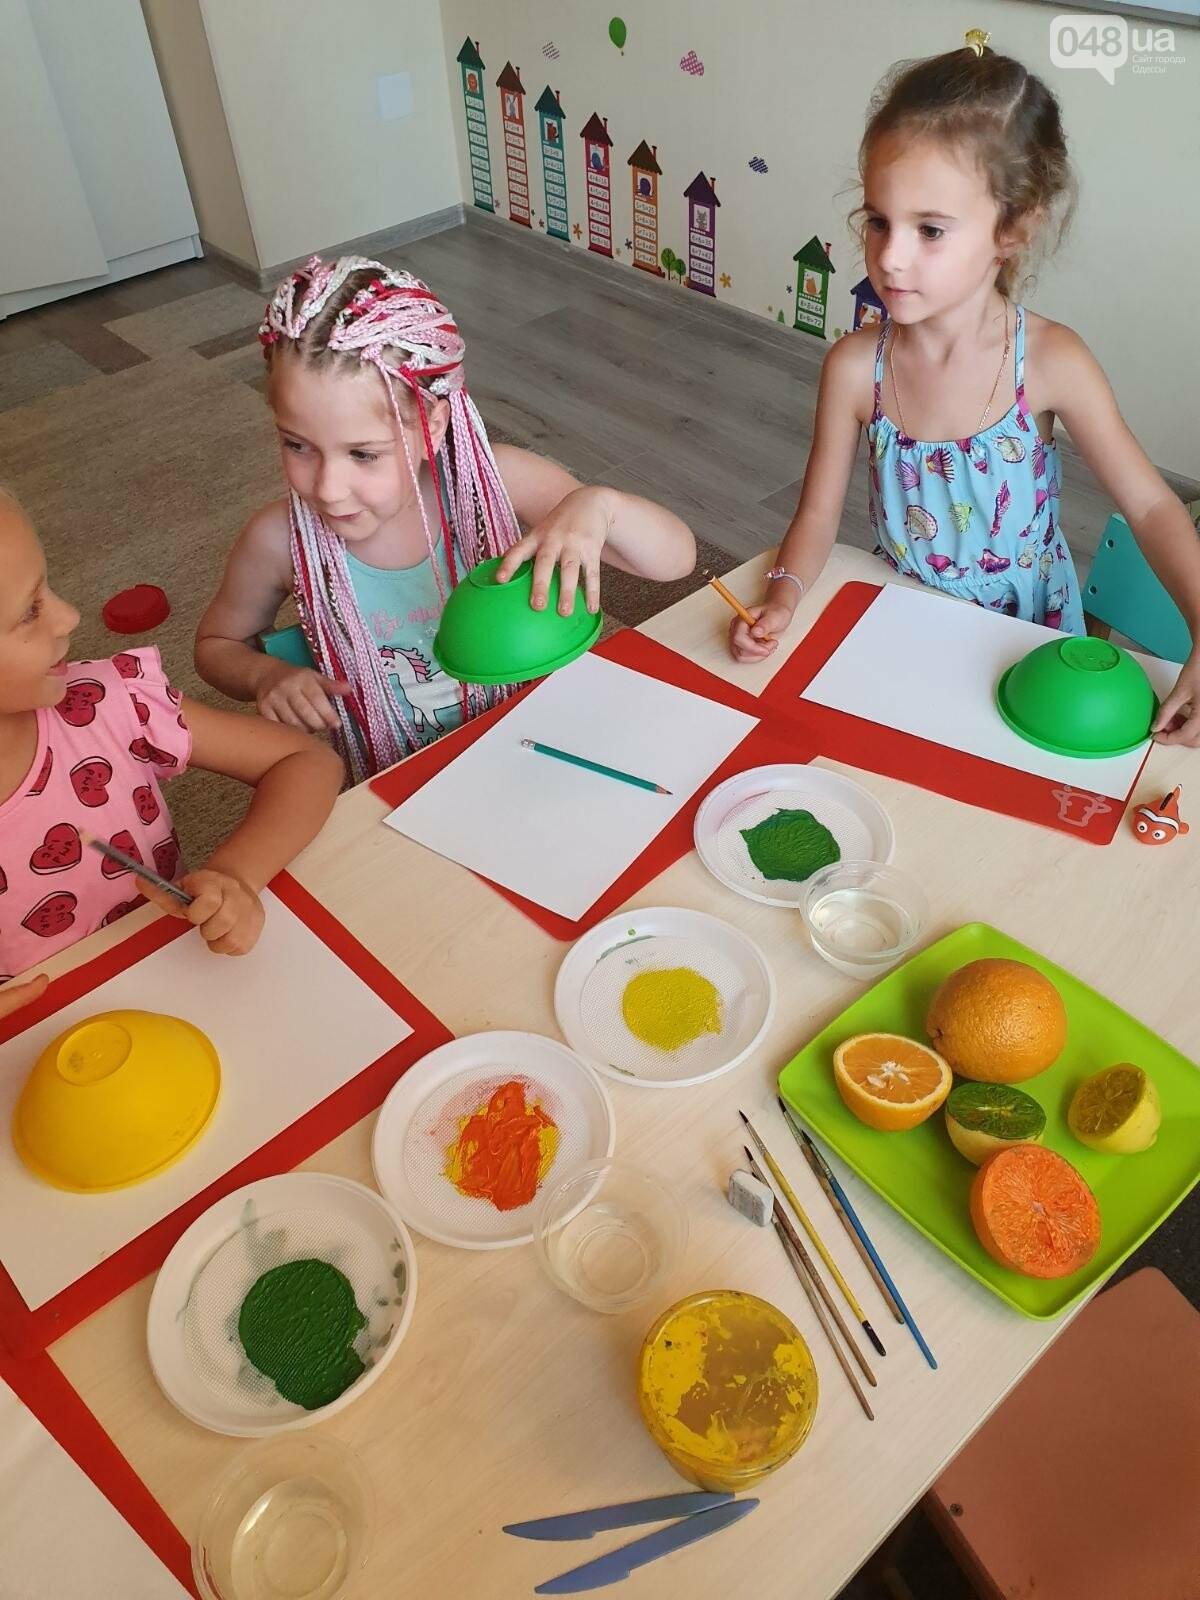 Детские сады и школы в Одессе, где учить ребенка?, фото-2